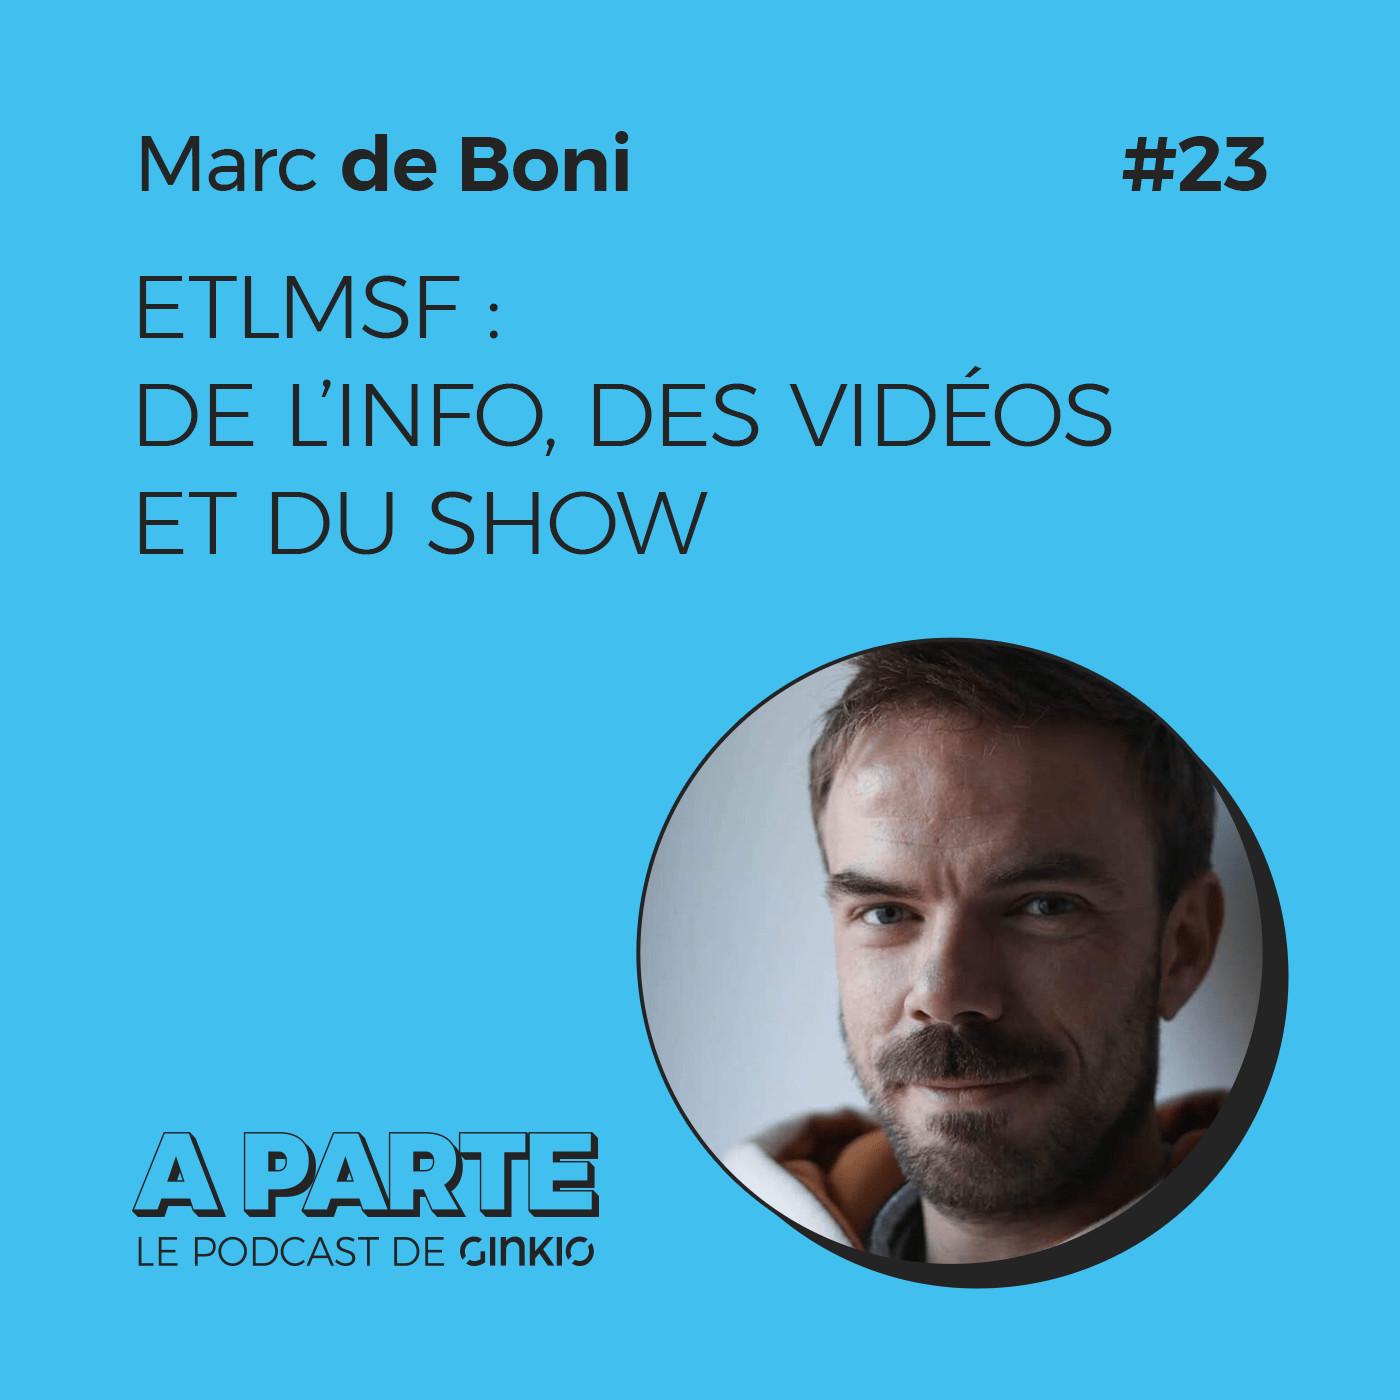 ETLMSF : de l'info, des vidéos et du show, avec Marc de Boni